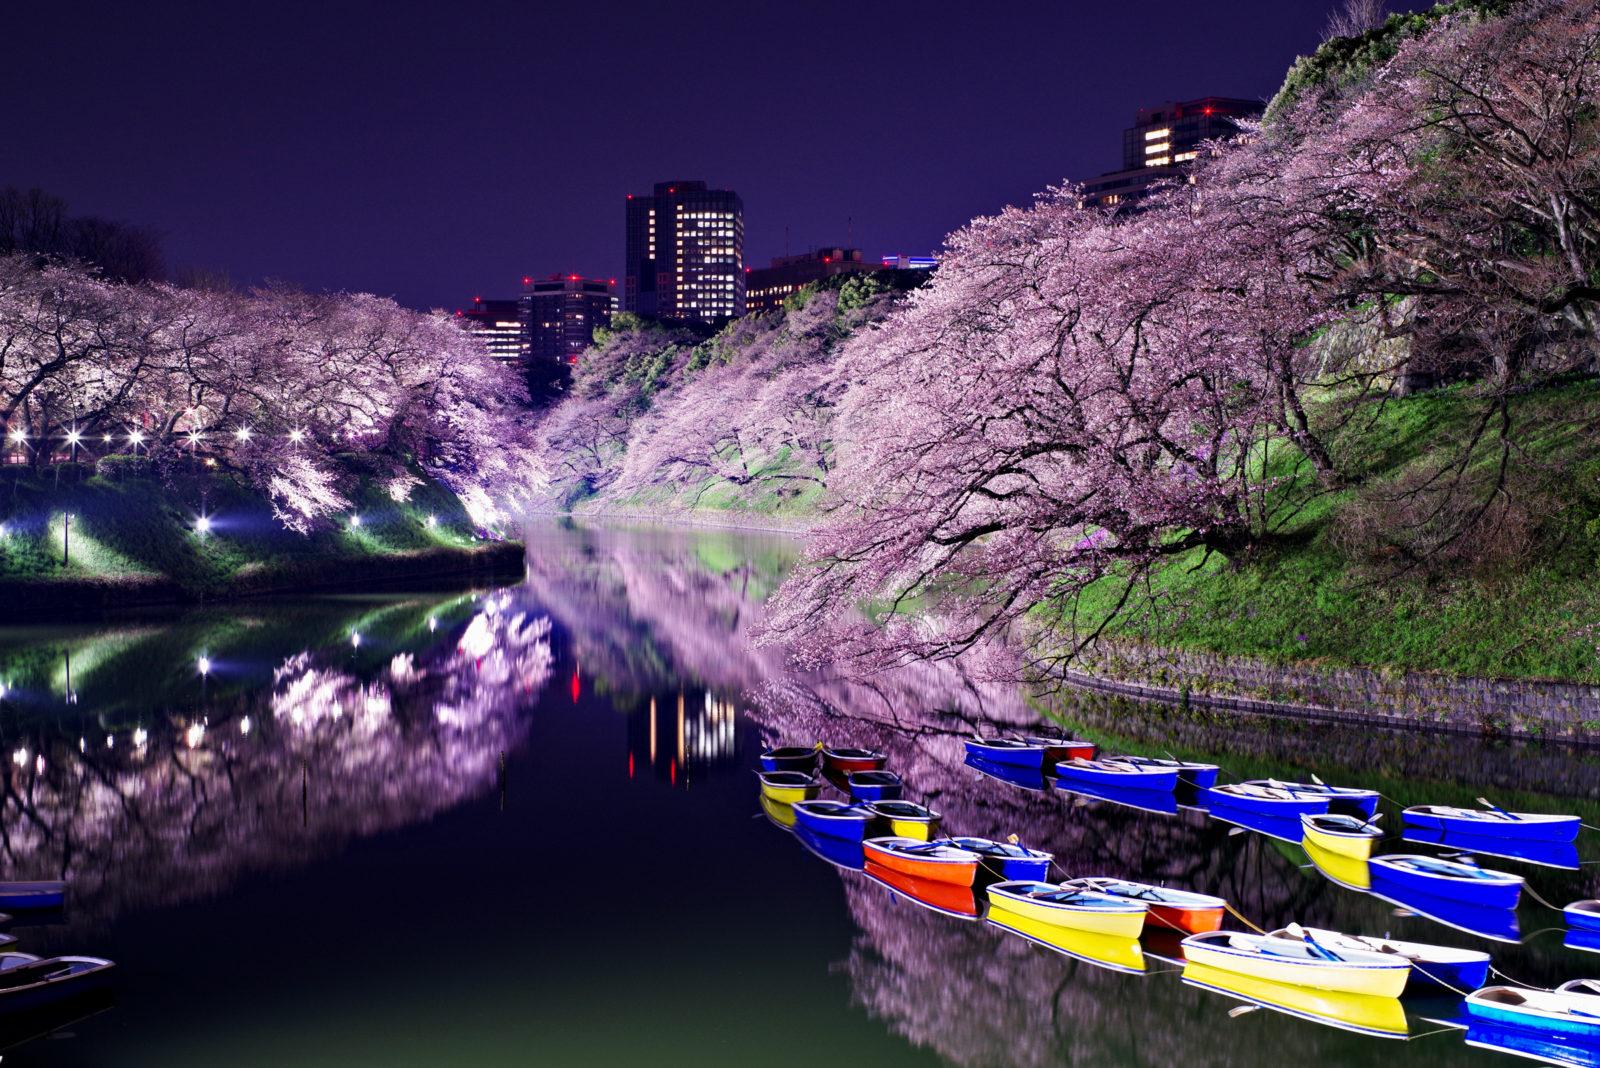 千鳥ヶ淵の桜ライトアップ | PENTAX K-1&FA50mm